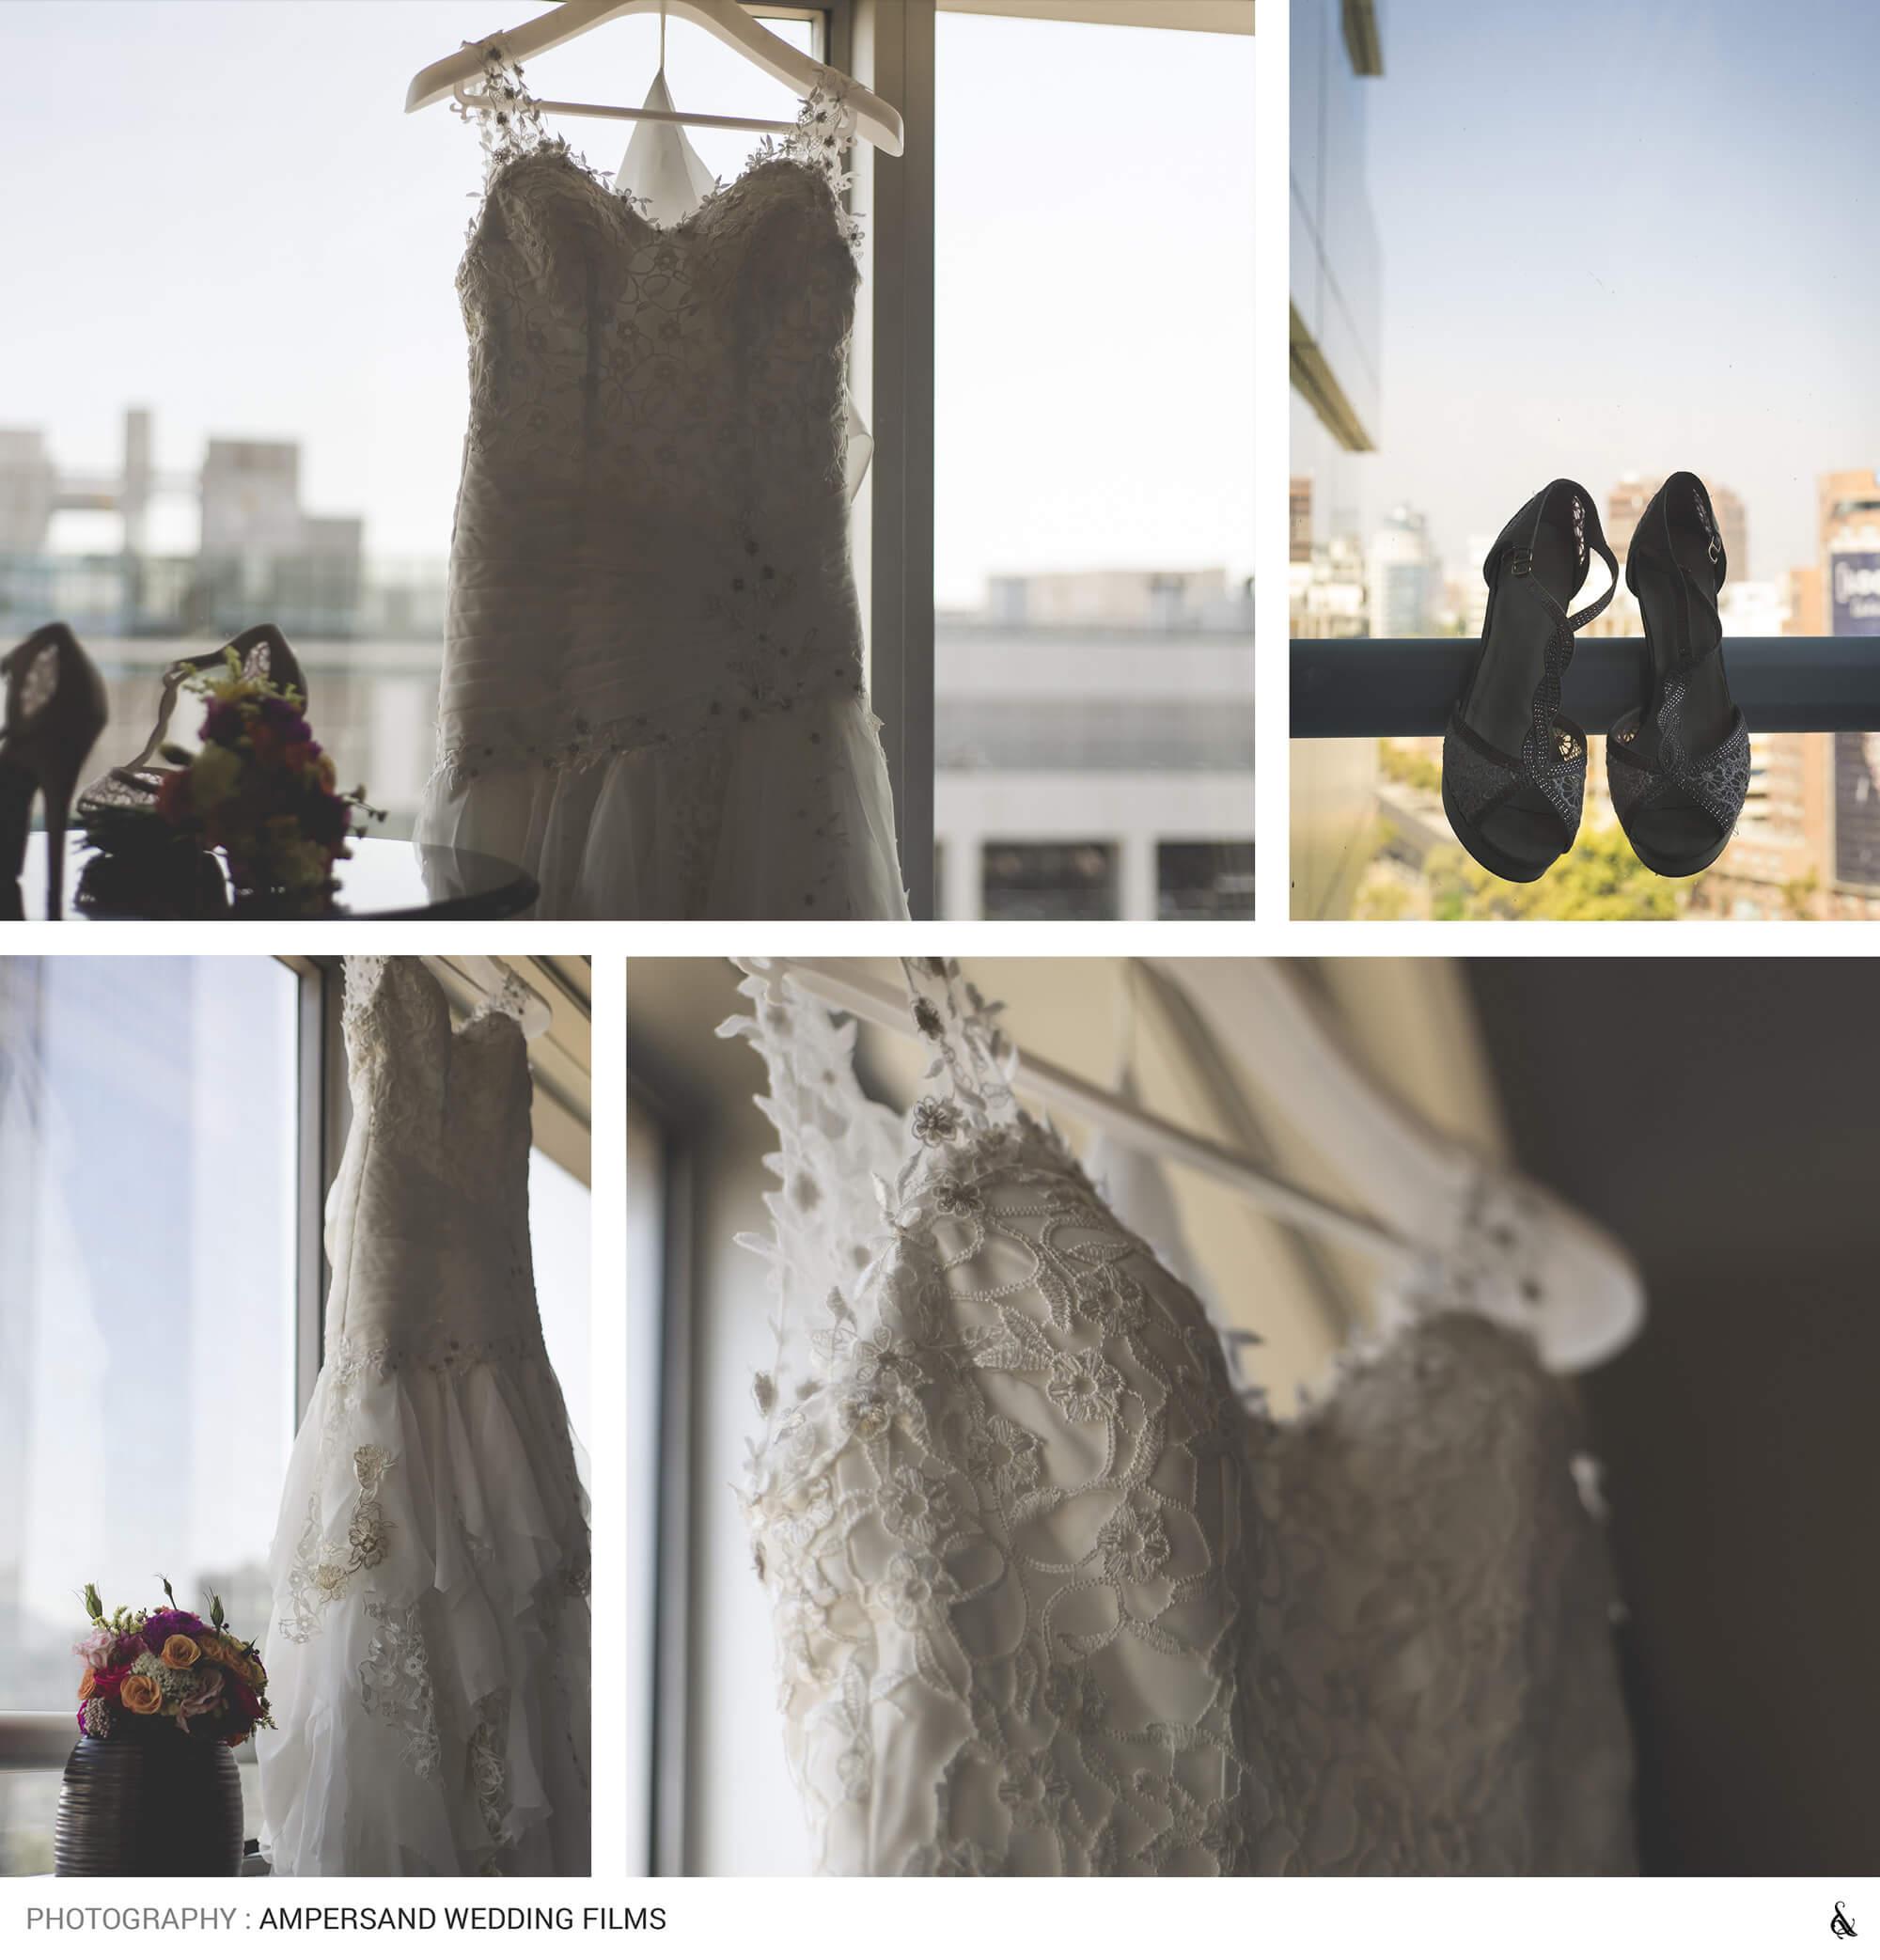 Preparativos de la novia en el Hotel Radisson - by @amperstudios